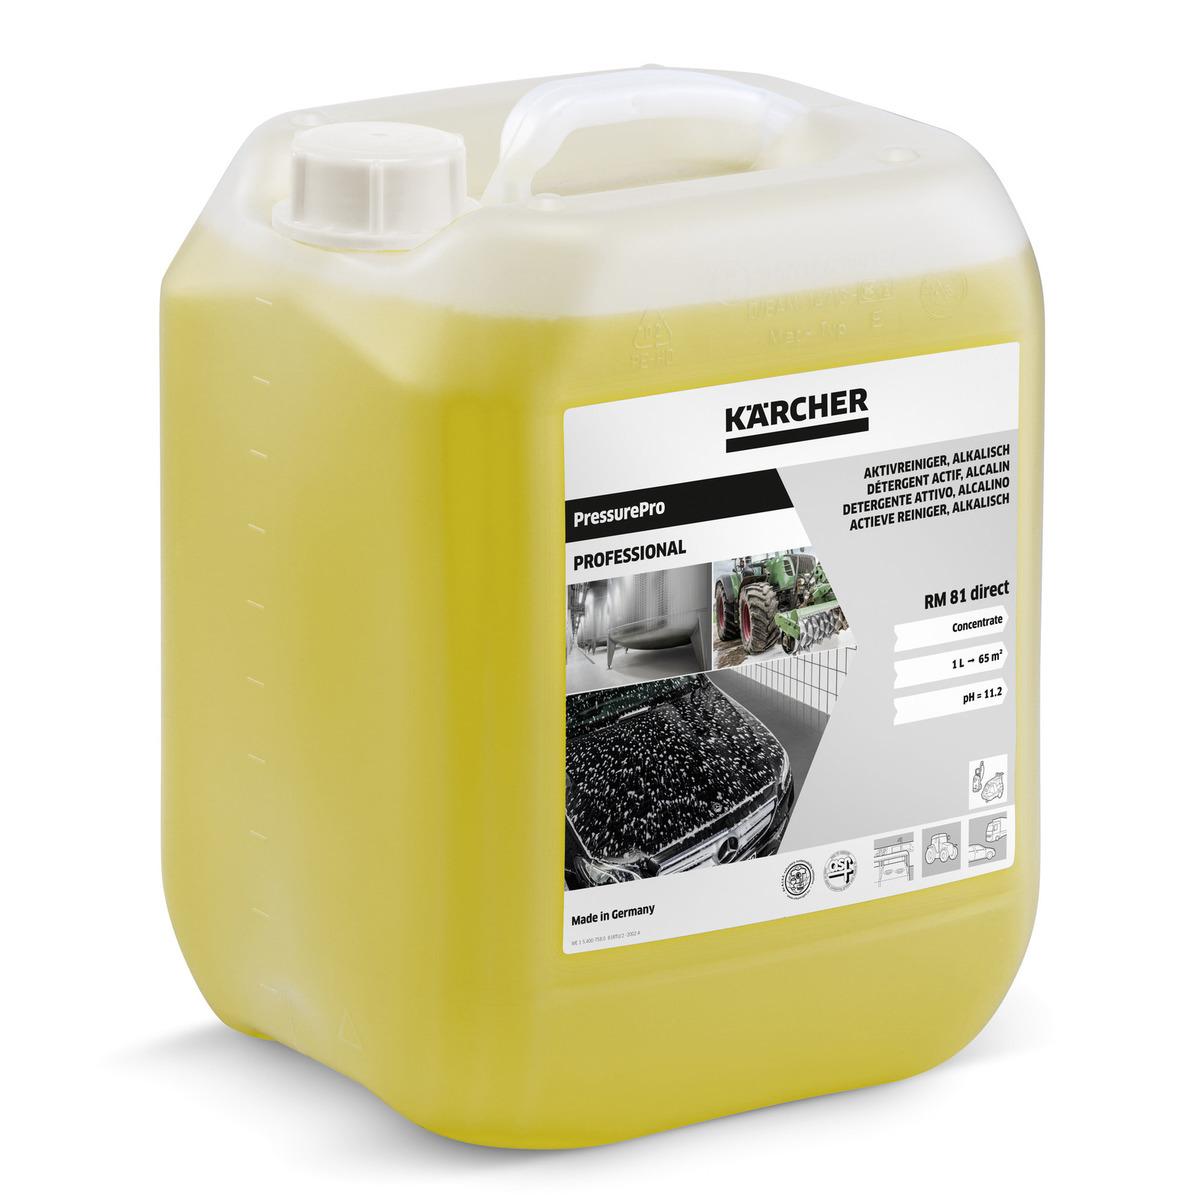 PressurePro Aktivreiniger, alkalisch RM 81 direct, 10l